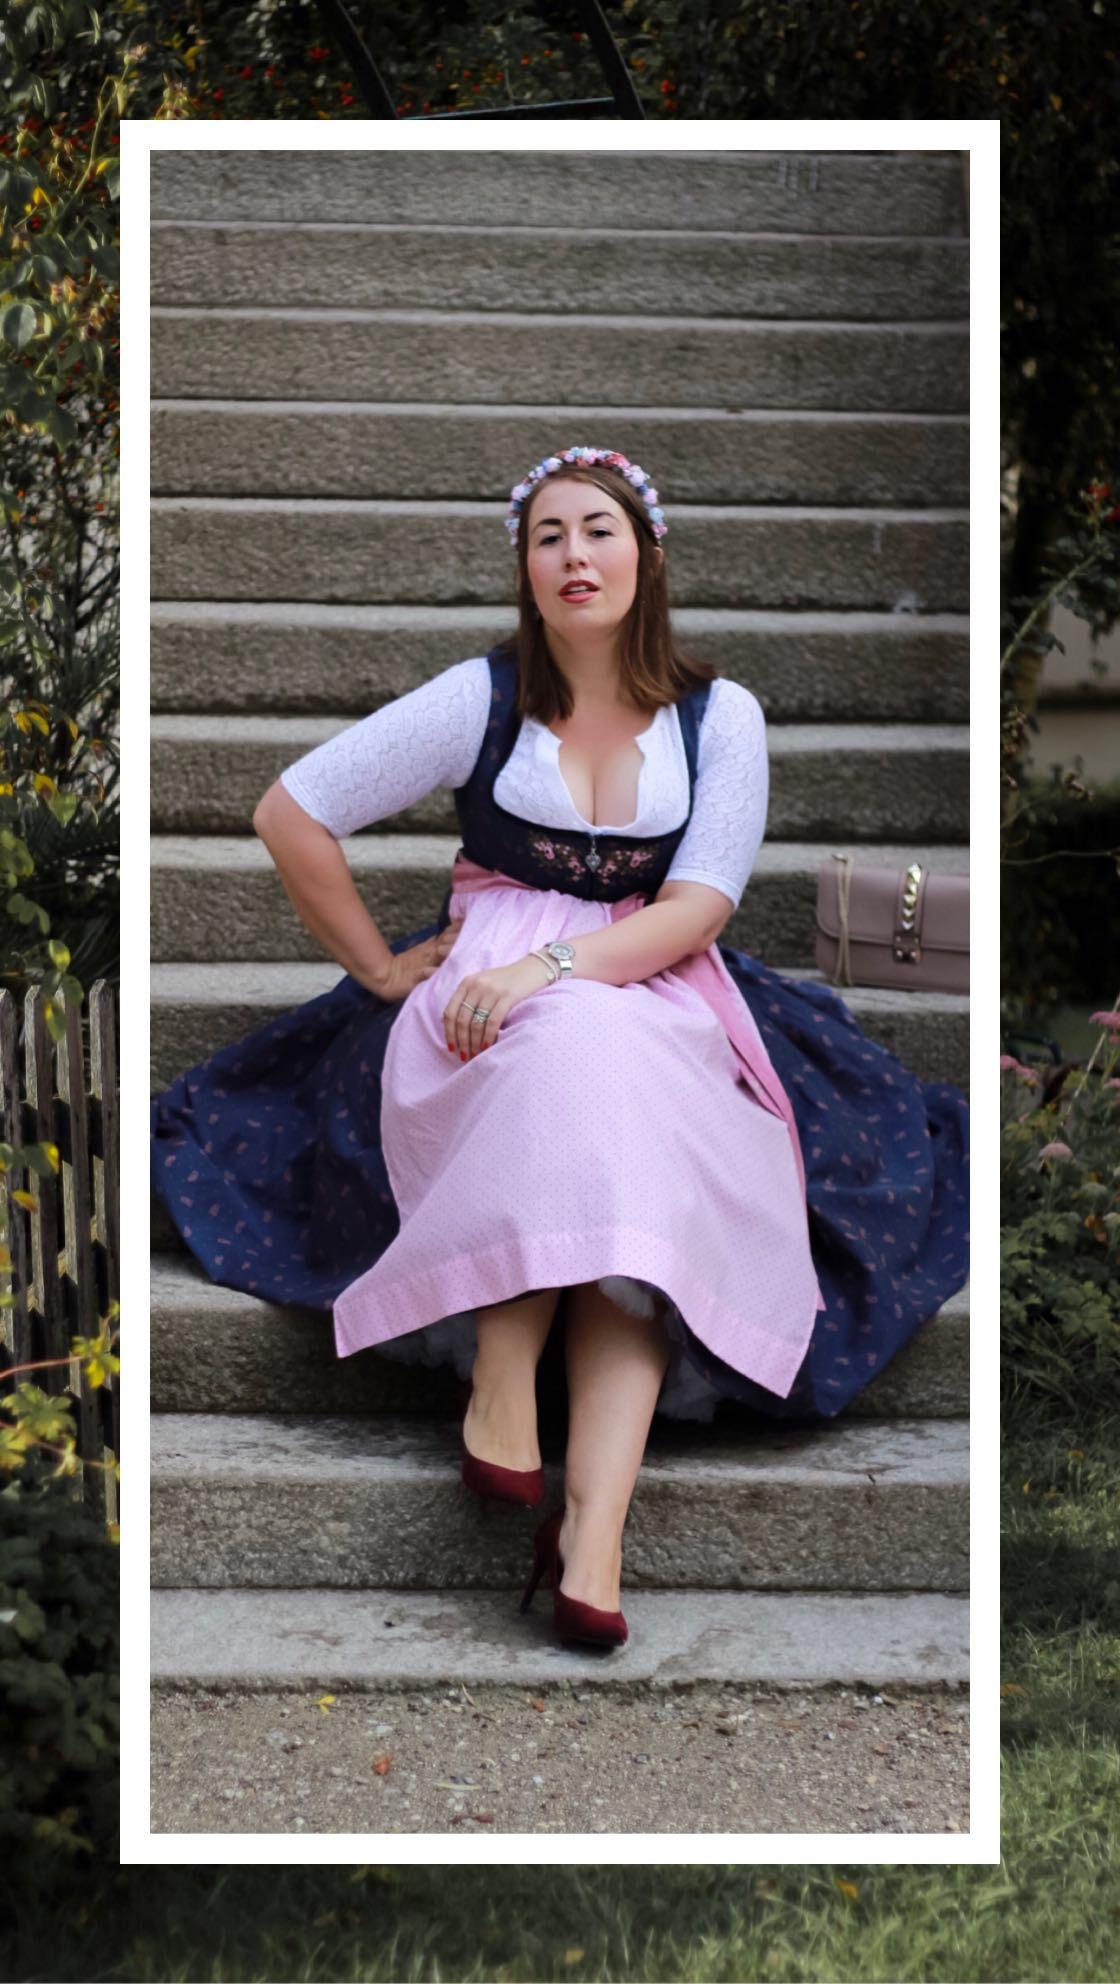 Sportalm-Kitzbuehel-Dirndl-Pupping-Wirkes-Tracht-Susanne-Heidebach-Miss-Suzie-Loves-Oktoberfest-Kloster-Scheyern